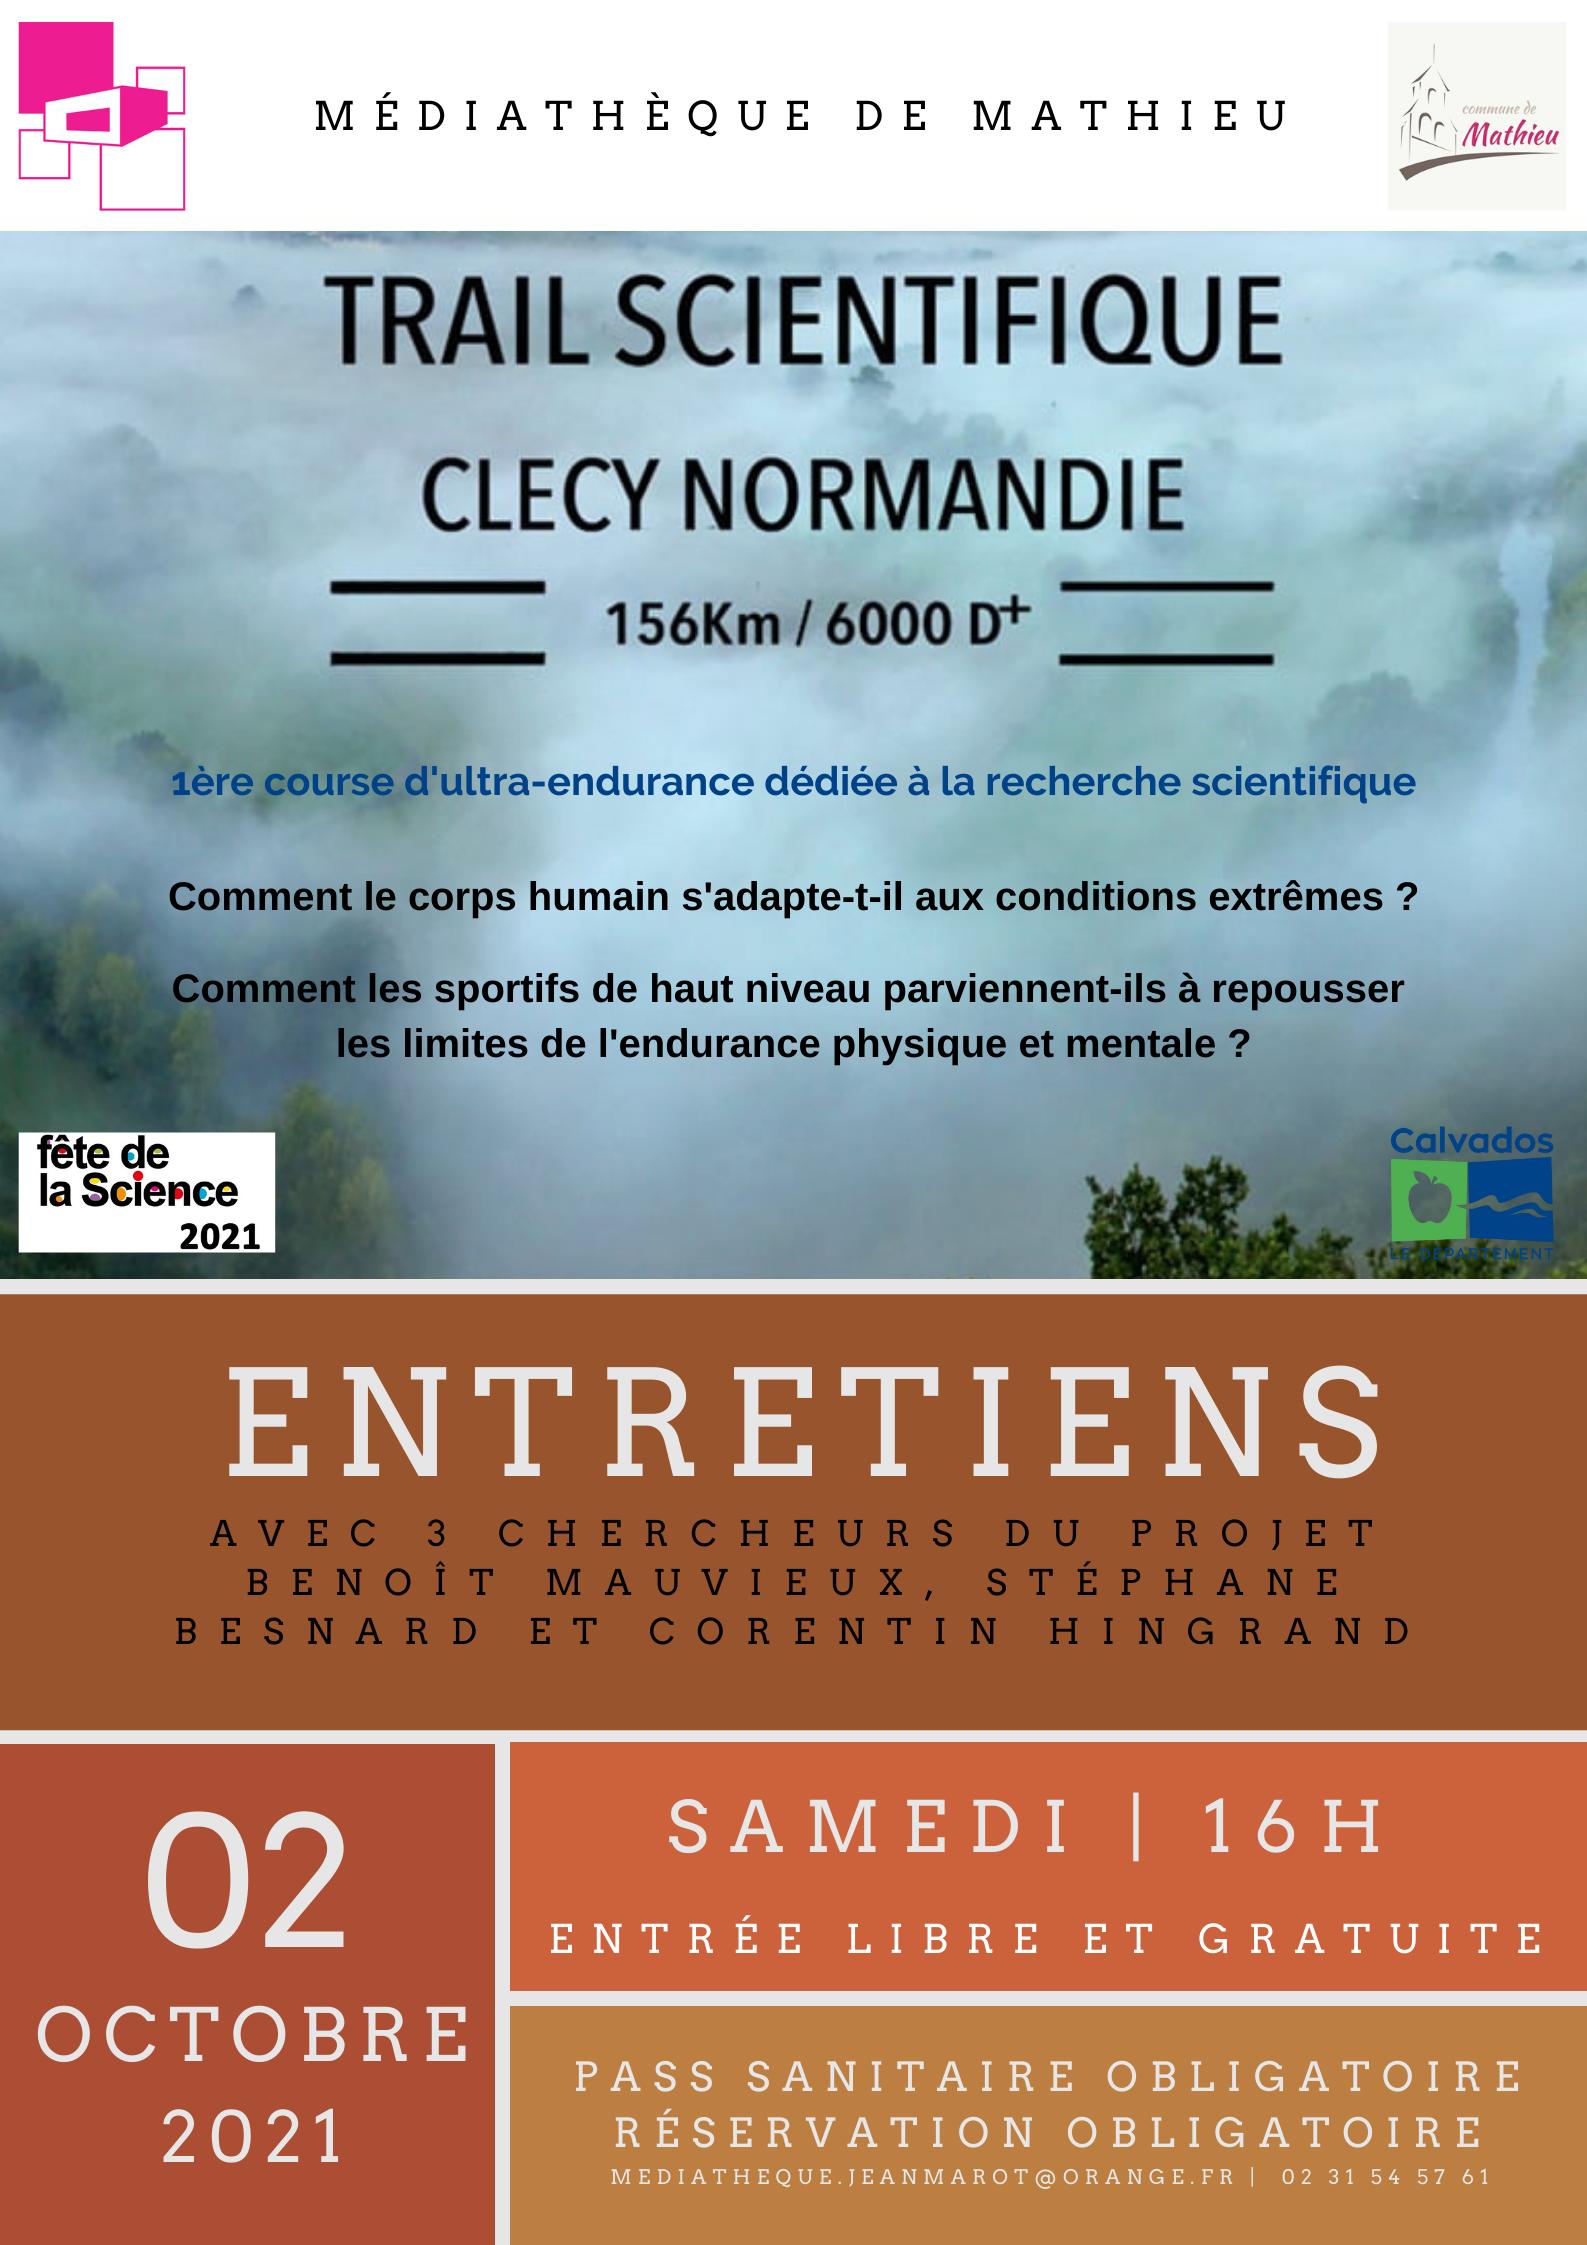 Fete de la Science 2021 : Le Trail Scientifique Clécy Normandie |